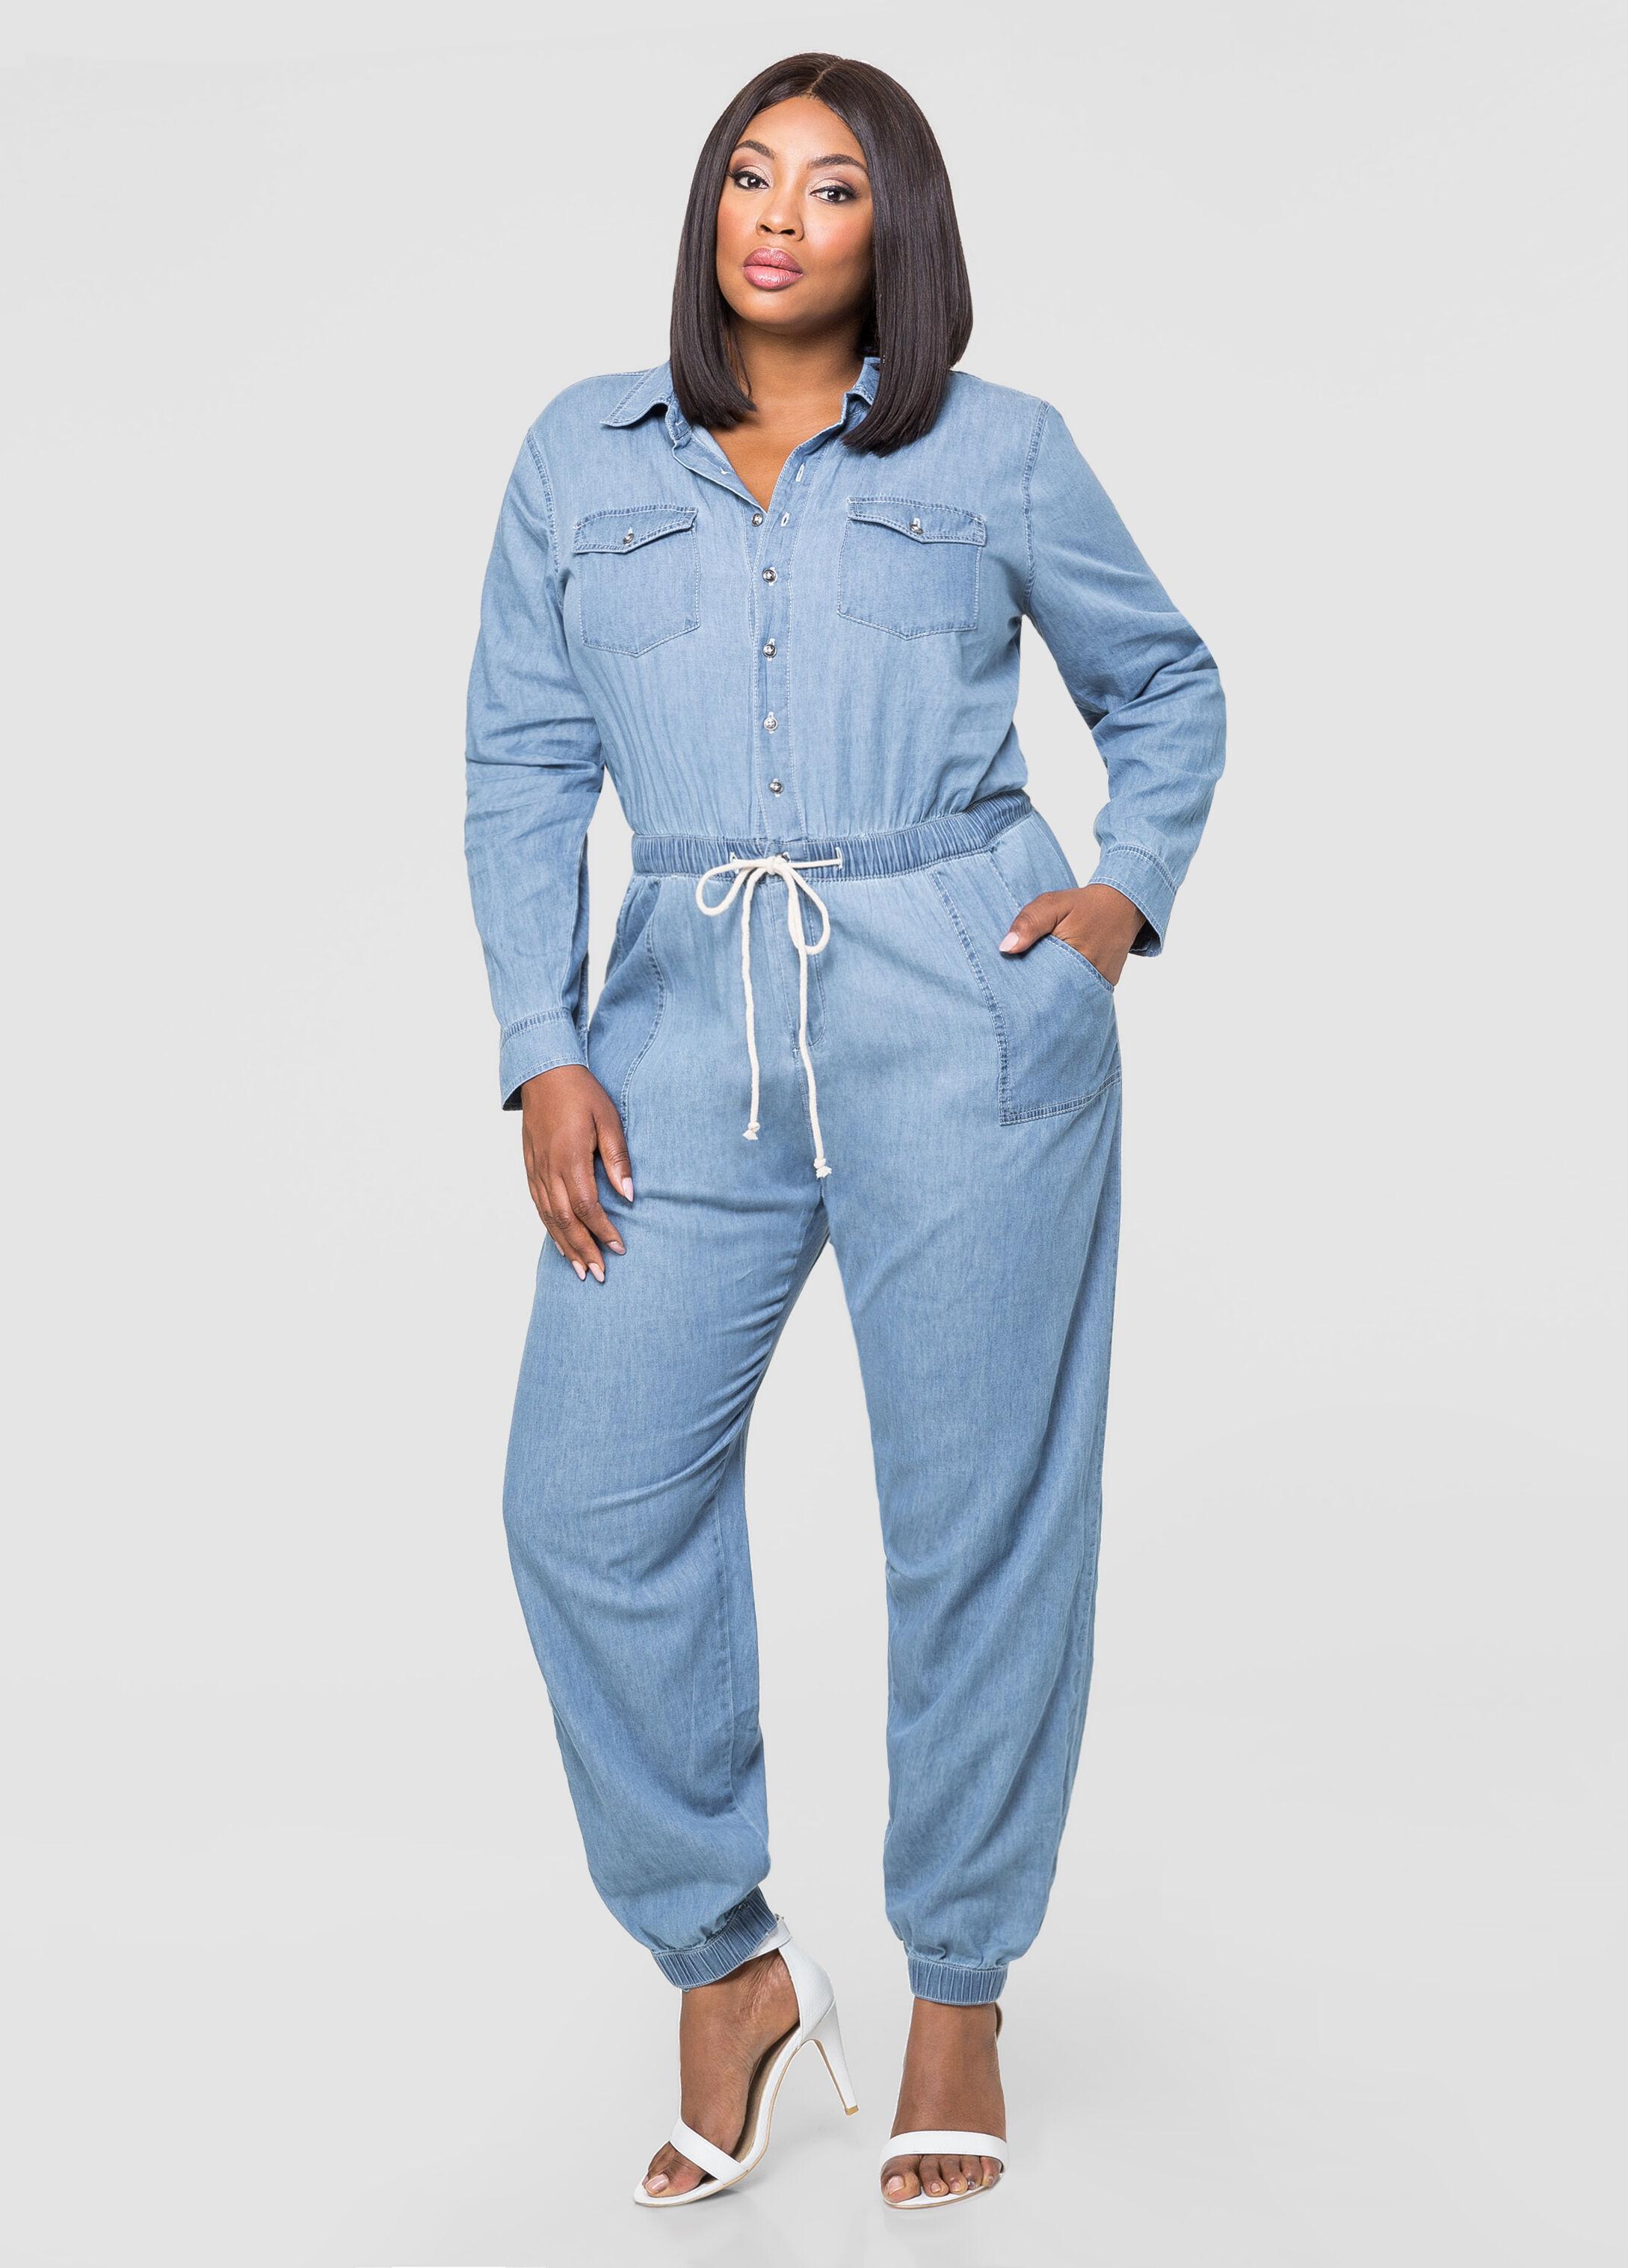 808deb52de72 Denim mechanics jumpsuit plus size dresses ashley stewart jpg 346x482 Plus  size denim jumpsuits for women